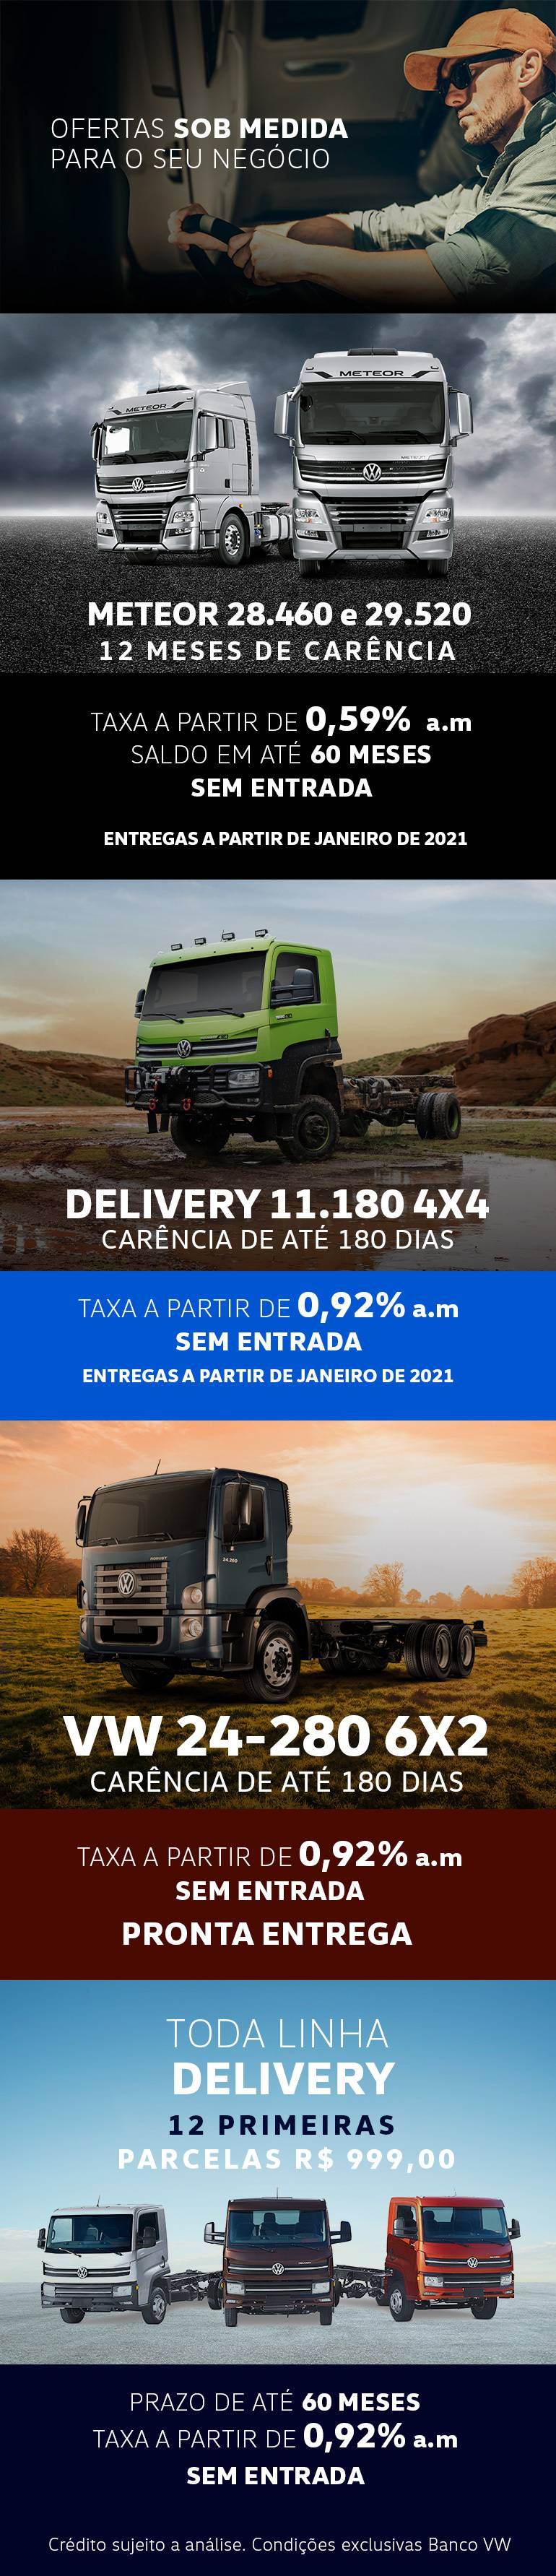 Ofertas VW Caminhões 2021